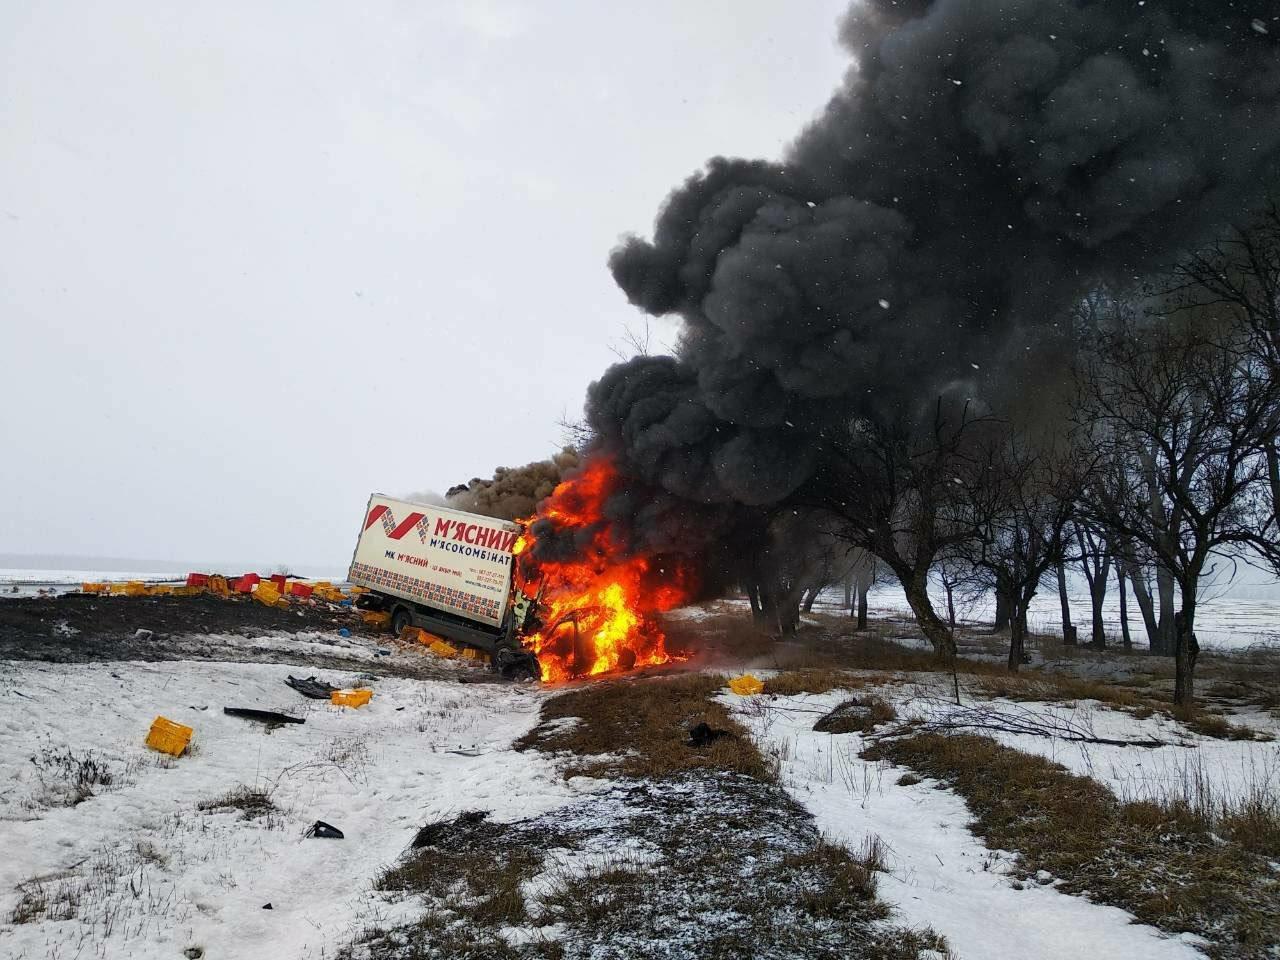 Масштабное ДТП с пожаром под Днепром: погибло 3 человека и ребенок (ФОТО), фото-1